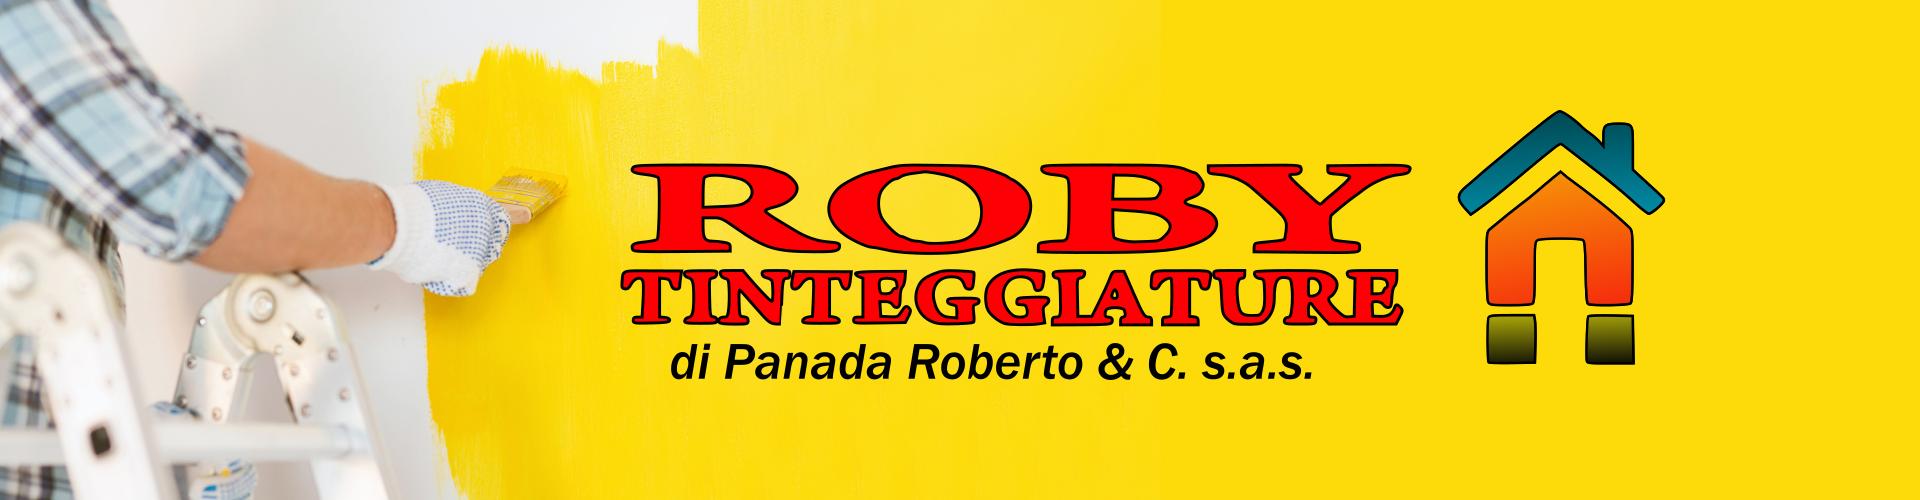 ROBY TINTEGGIATURE di Panada Roberto e C. s.a.s